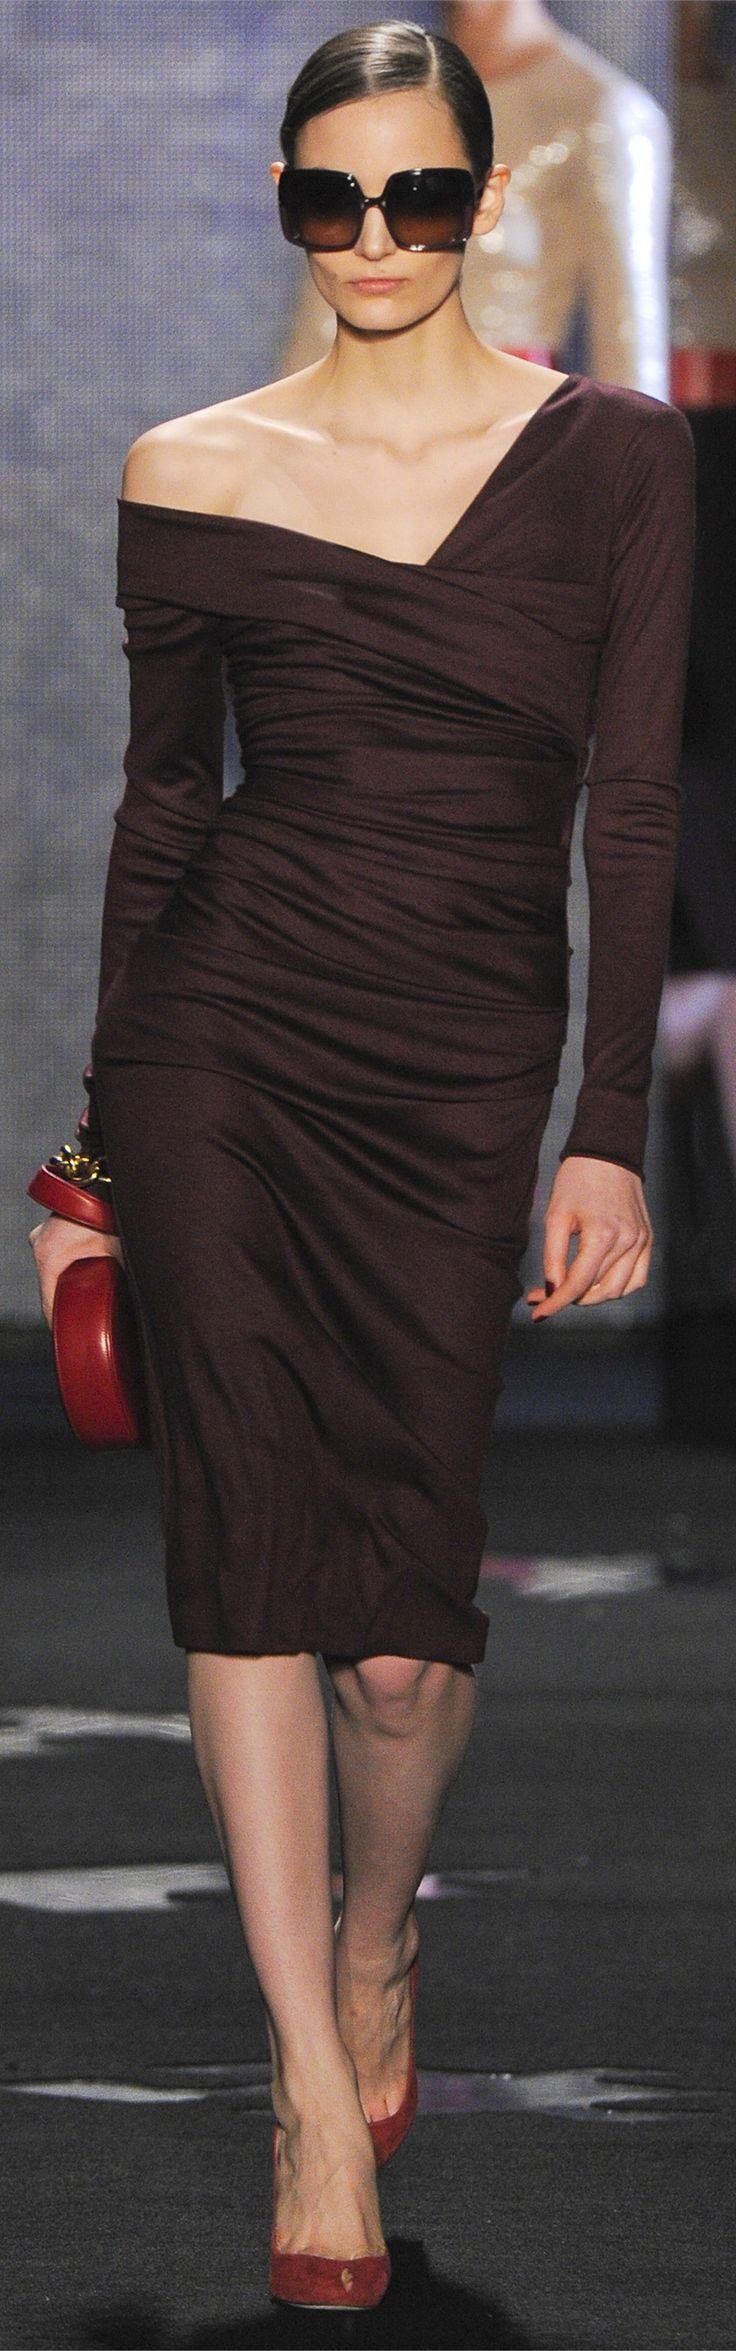 Farb-und Stilberatung mit www.farben-reich.com - Diane von Furstenberg